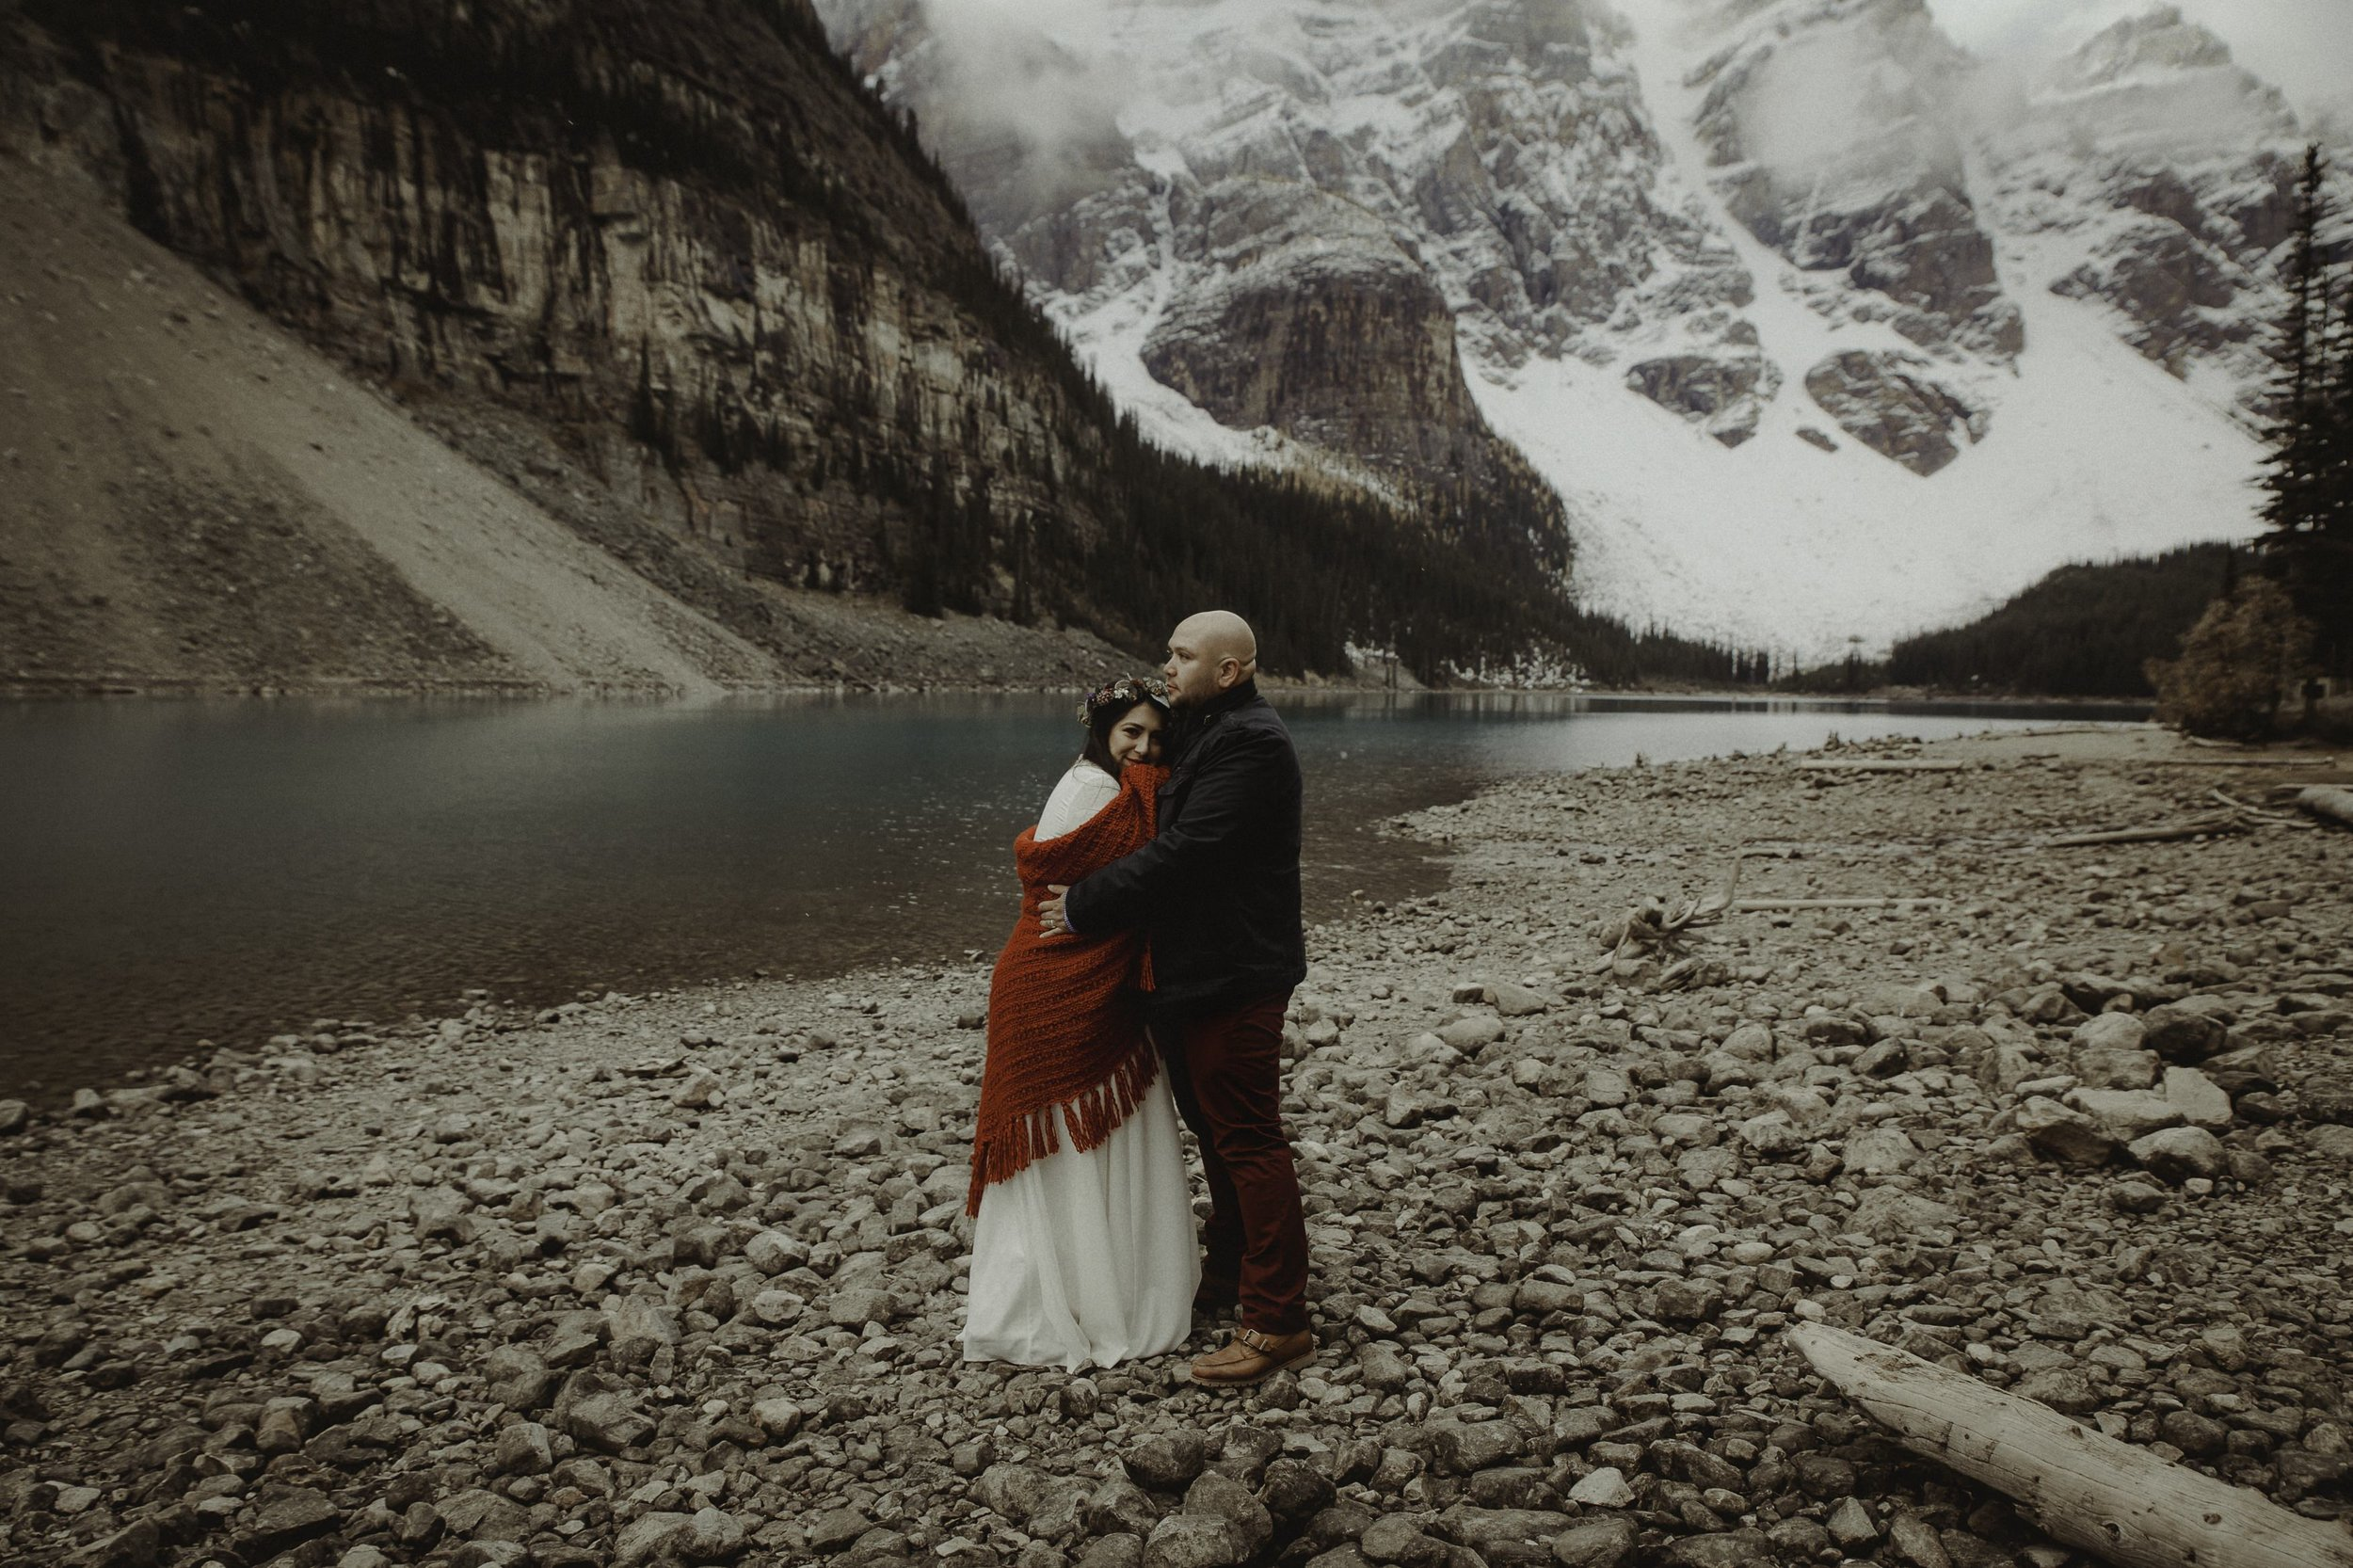 Fotografo-de-bodas-destino-Mexico-wedding-destination-photographer-san-miguel-de-allende-guanajuato-queretaro-boho-bohemian-bohemio-chic-editorial-carotida-photographer-canada-banff-alberta